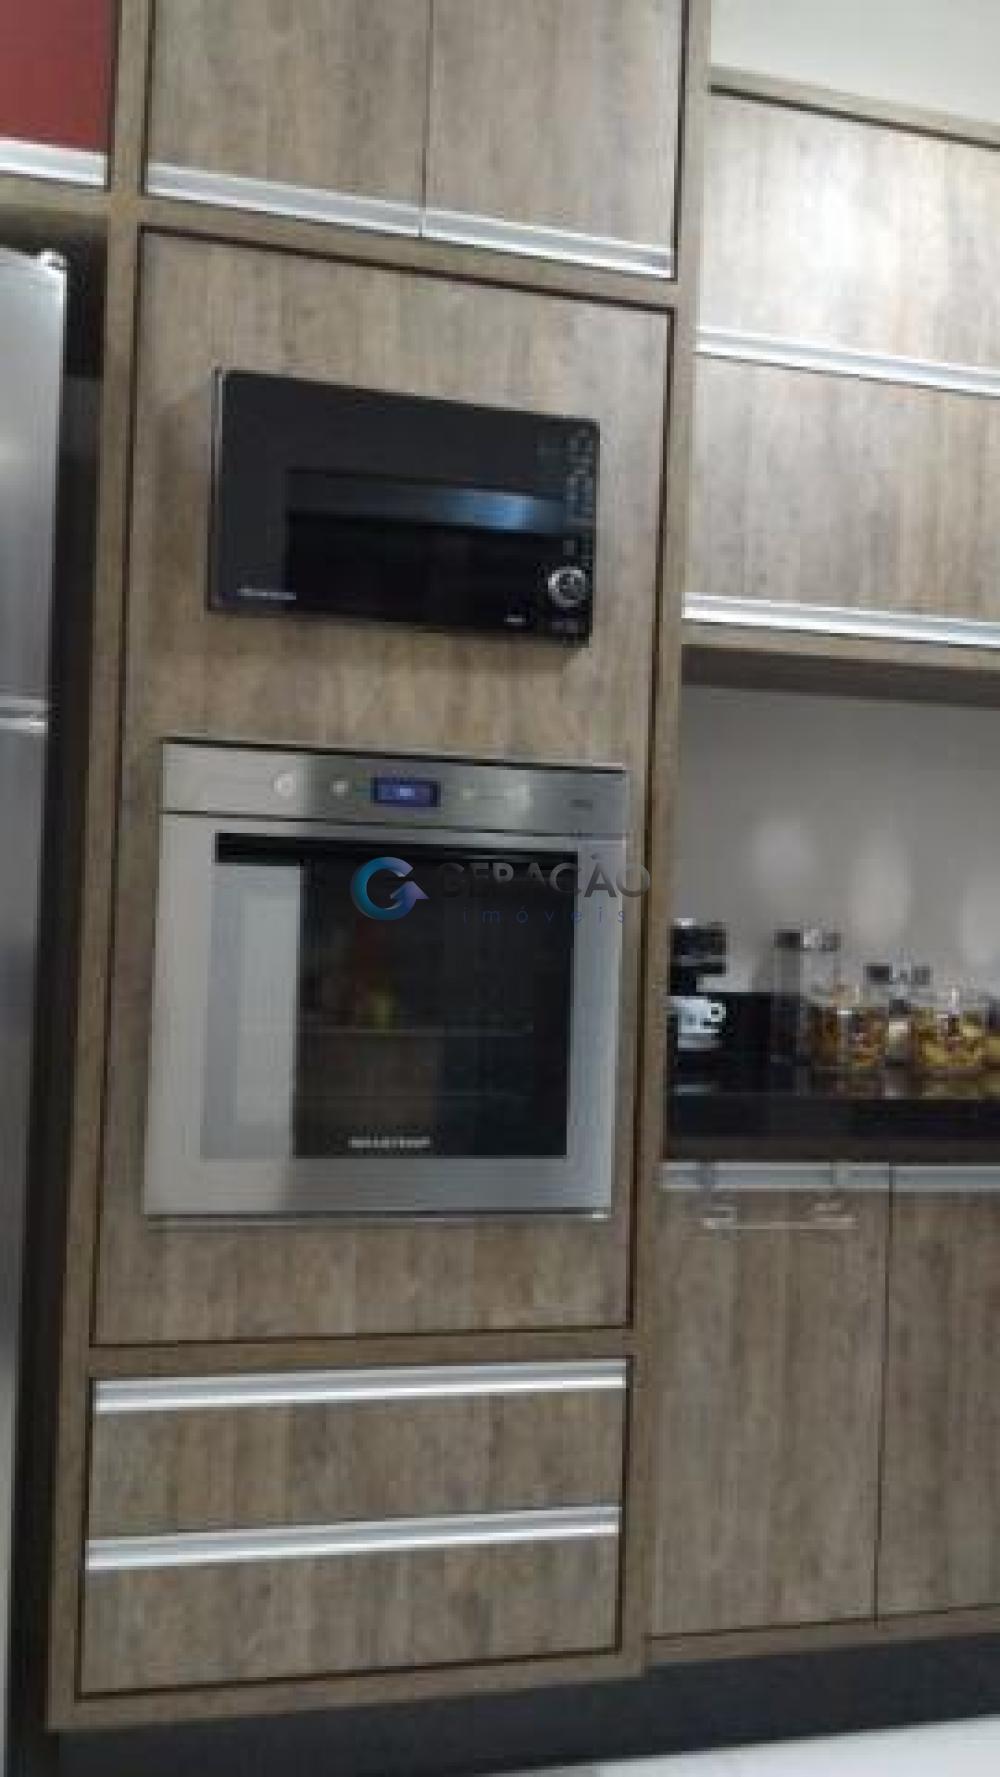 Comprar Apartamento / Padrão em São José dos Campos apenas R$ 510.000,00 - Foto 12